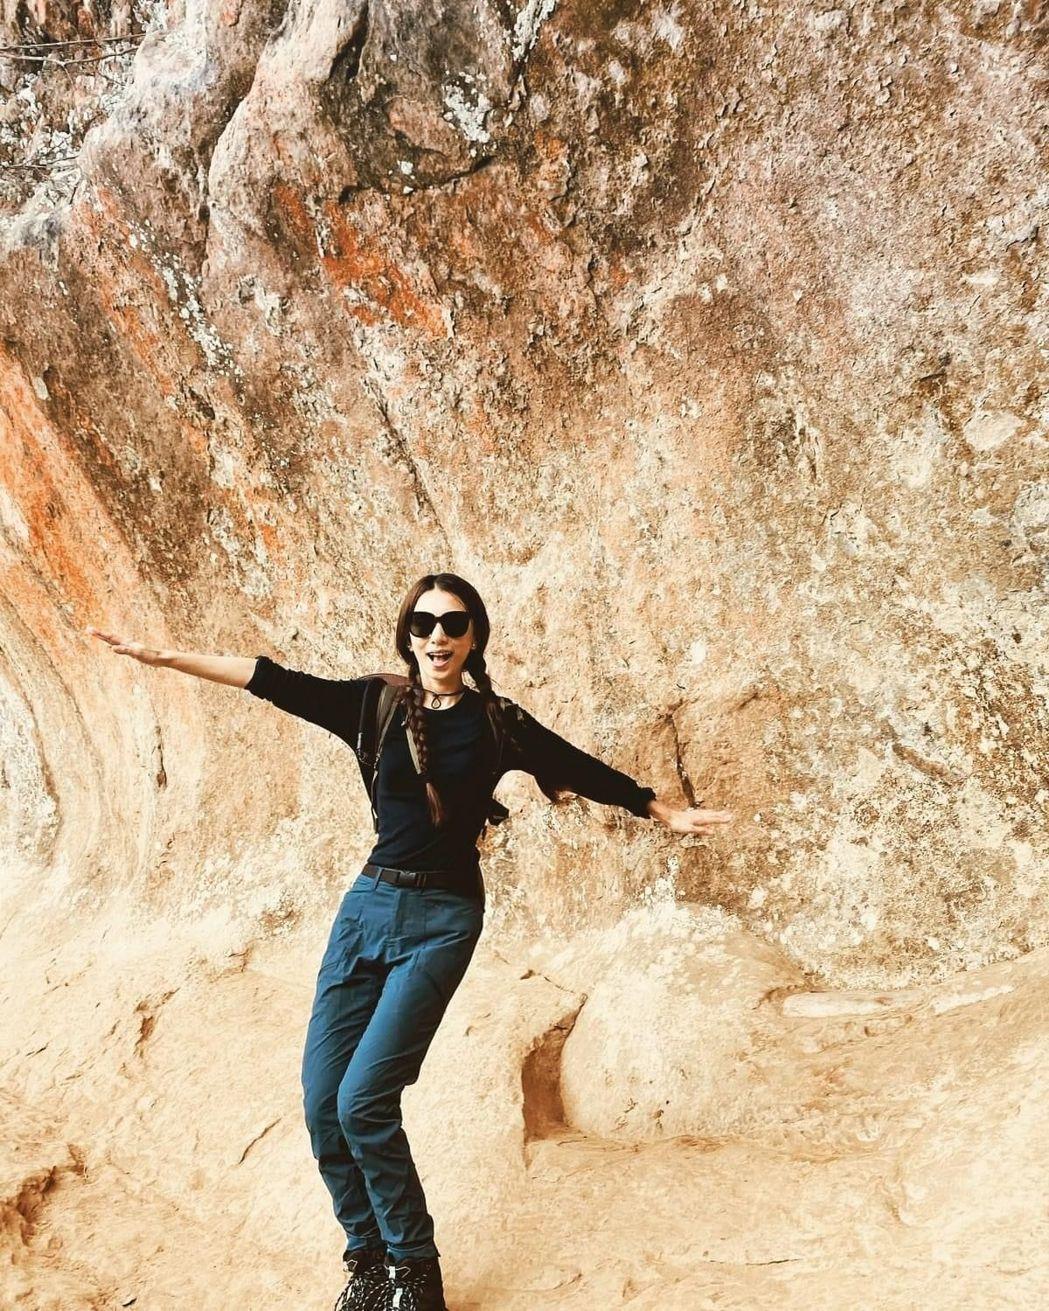 田馥甄38歲生日與粉絲分享與新北市三峽鳶山彩壁合影。 圖/田馥甄臉書專頁